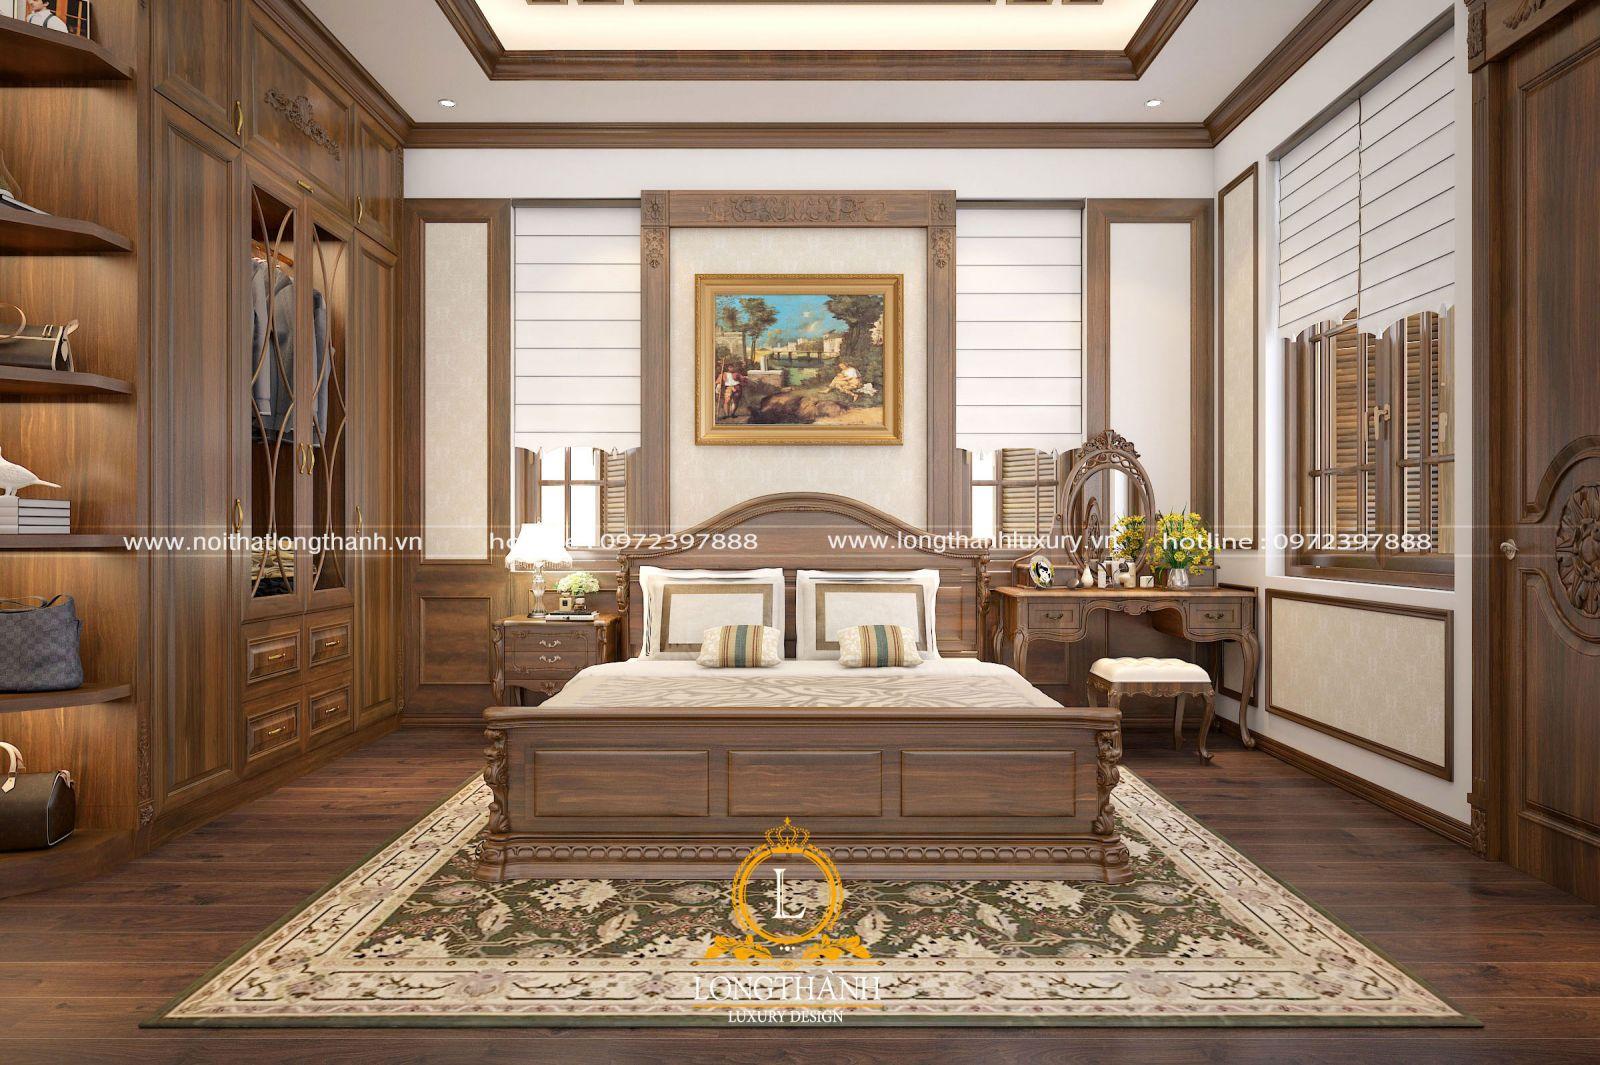 Không gian phòng ngủ cao cấp đẹp ấn tượng